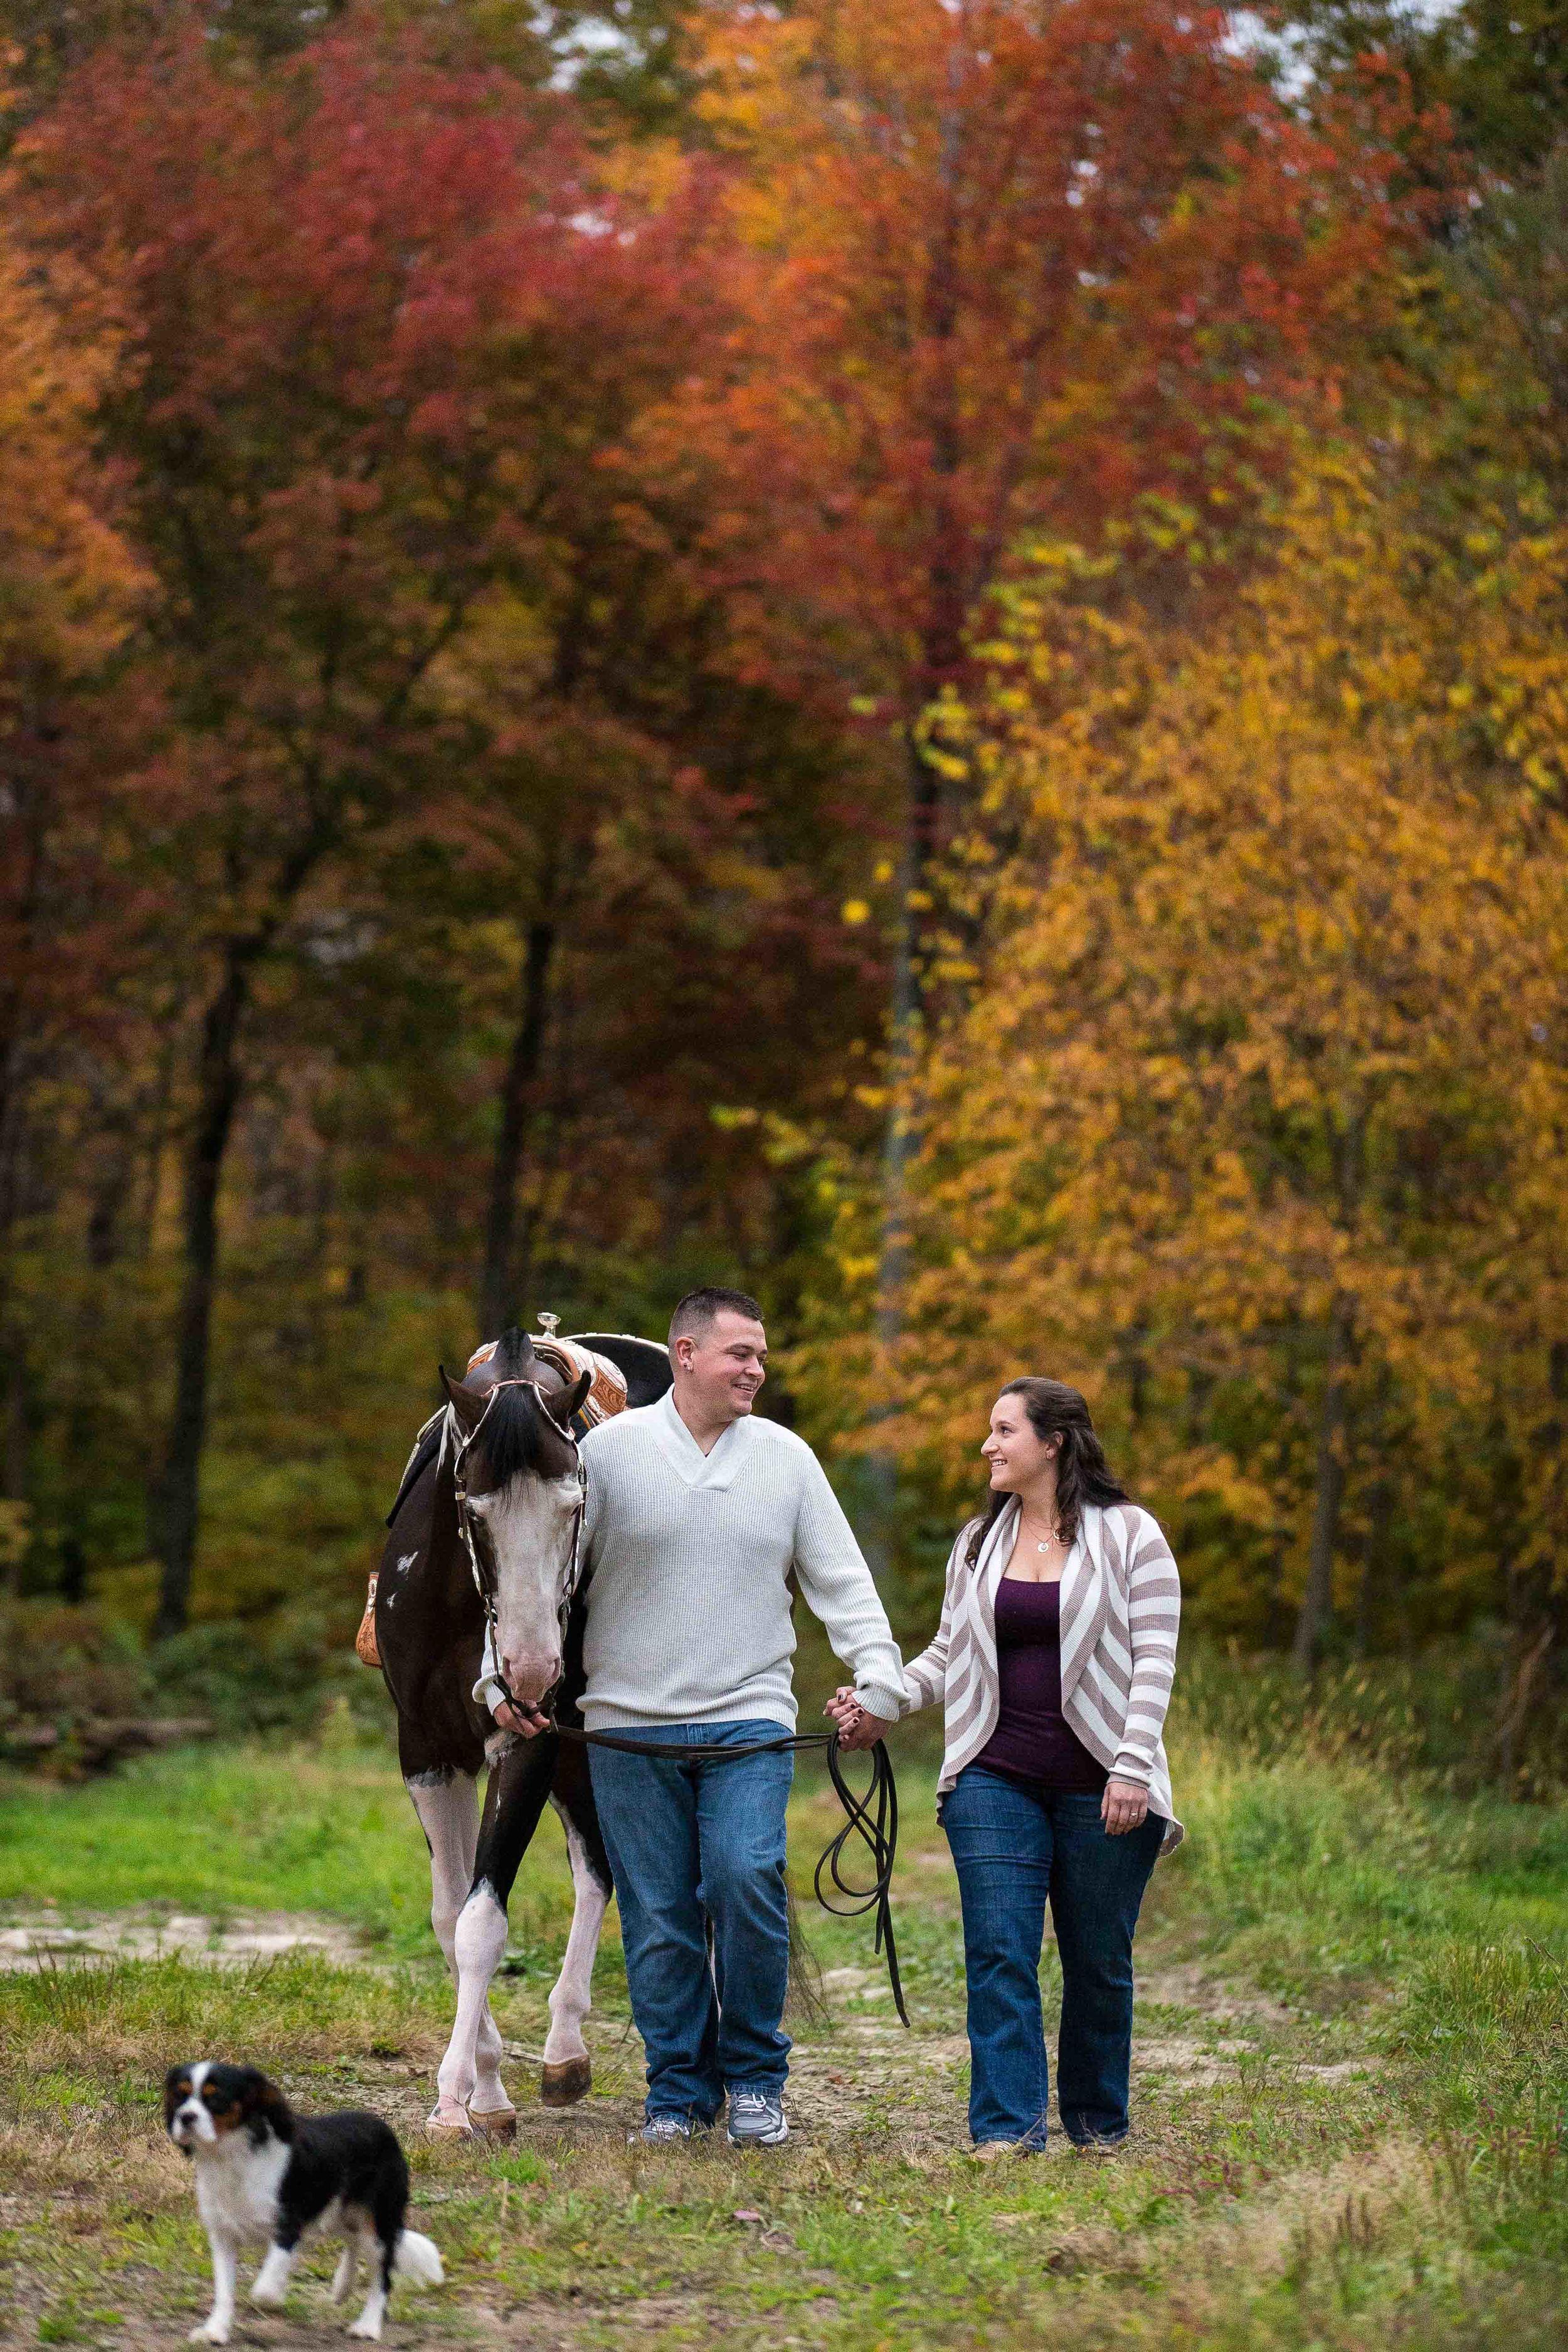 Horses-Engagement-Photography-by-Jacek-Dolata-CT-MA-RI-NJ-NYC-NY-VT-NH-PA-4.jpg